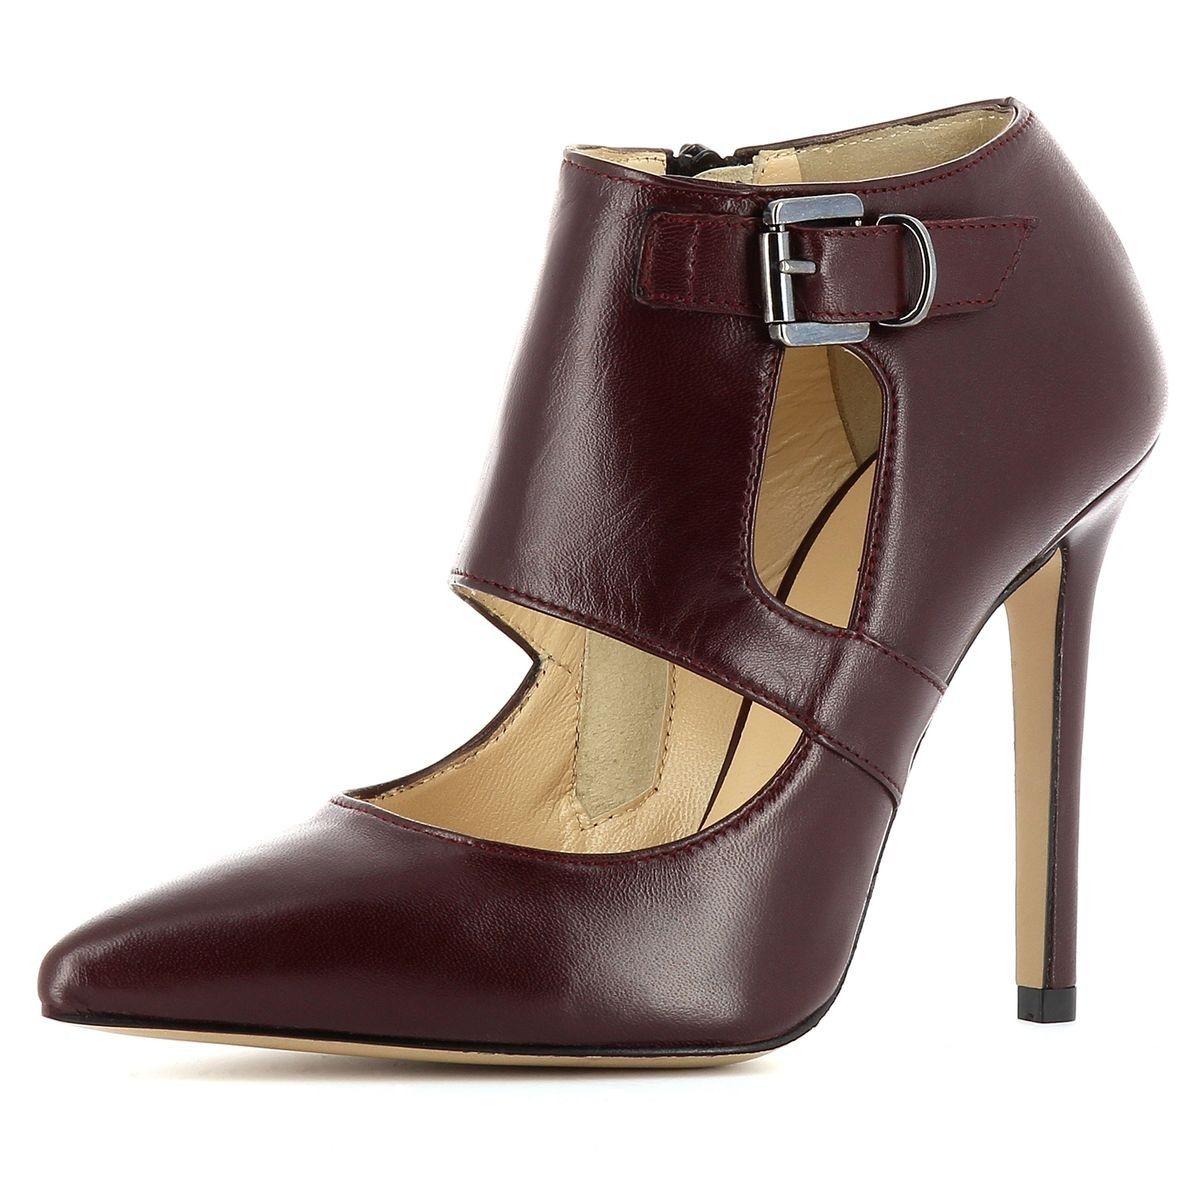 Pompes Écharpe Noire Chaussures Evita mXT4bm4e